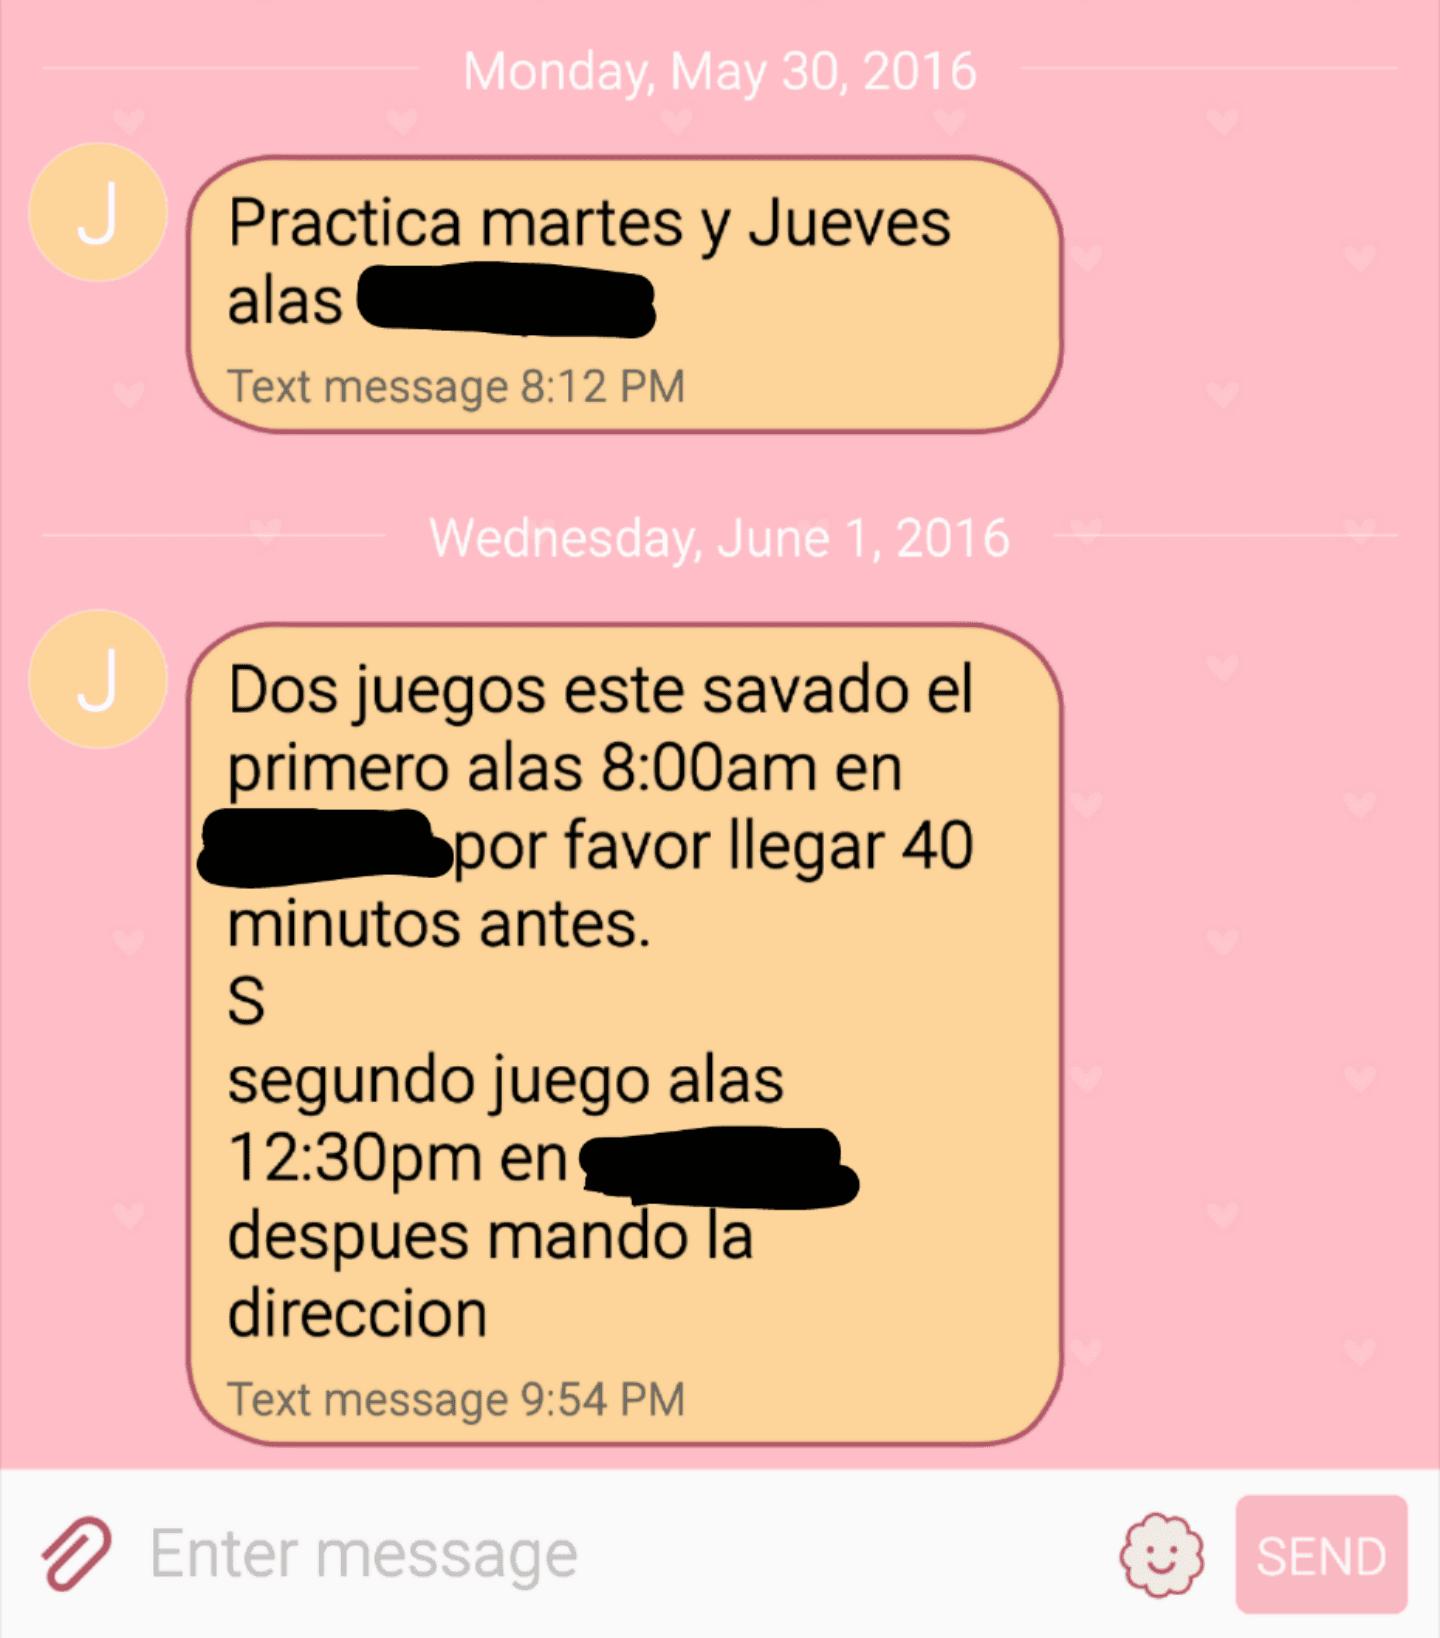 XFINITY Latino - practices